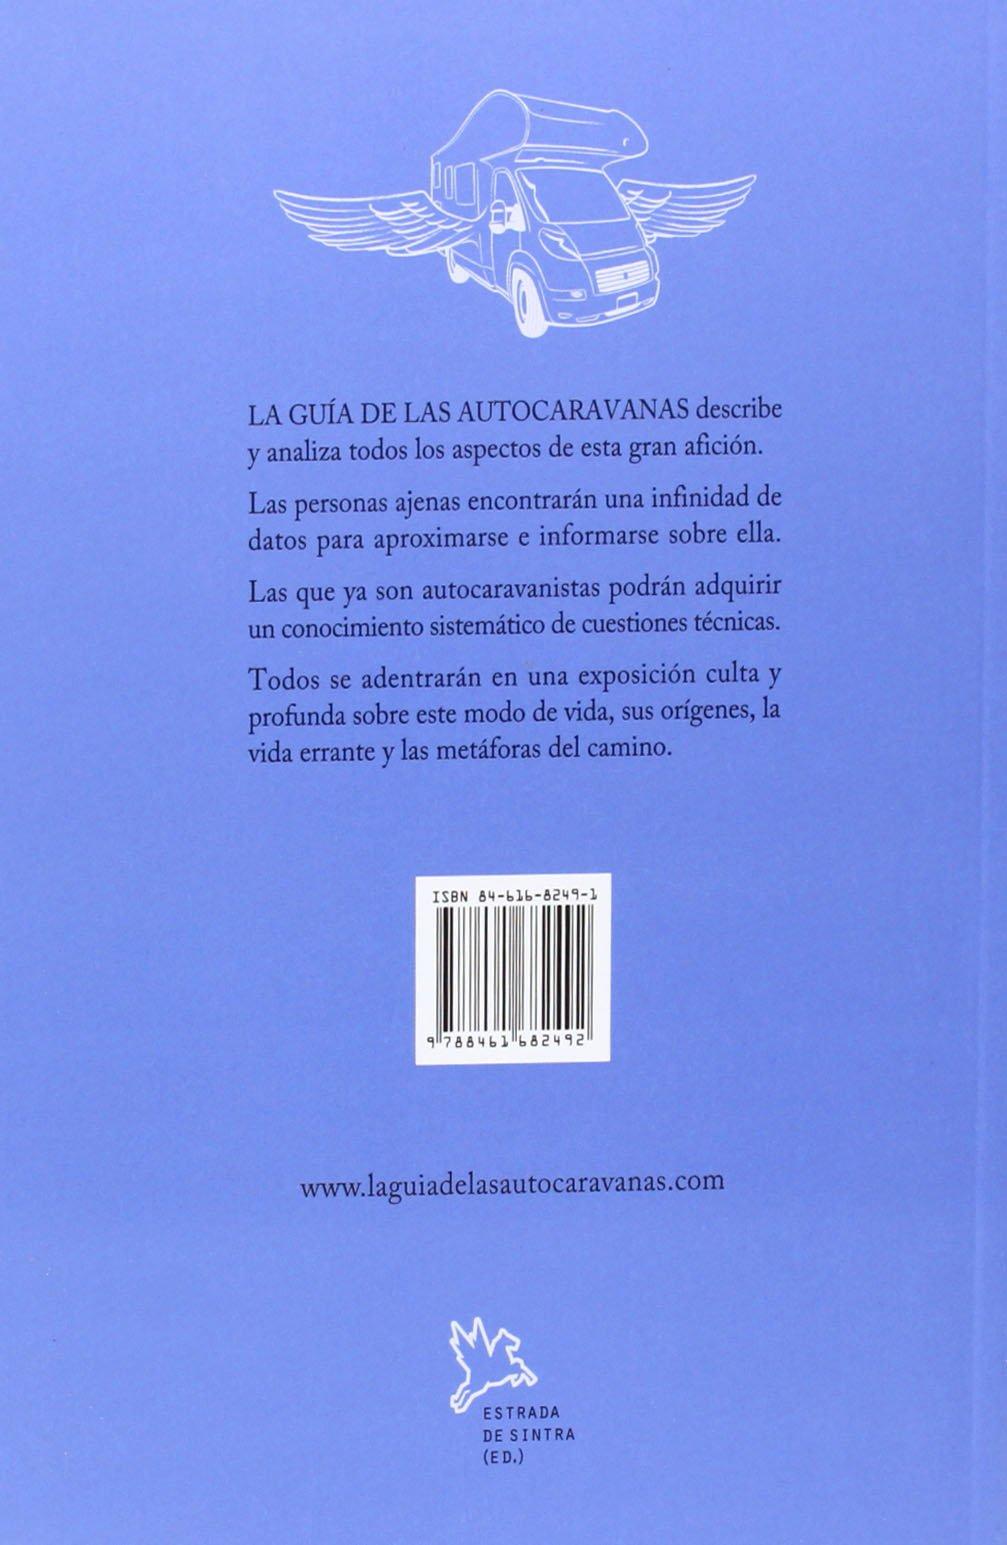 La guía de las autocaravanas: Amazon.es: Xose Manuel Sarille Fernandez, Xose Manuel Sarille Fernandez: Libros